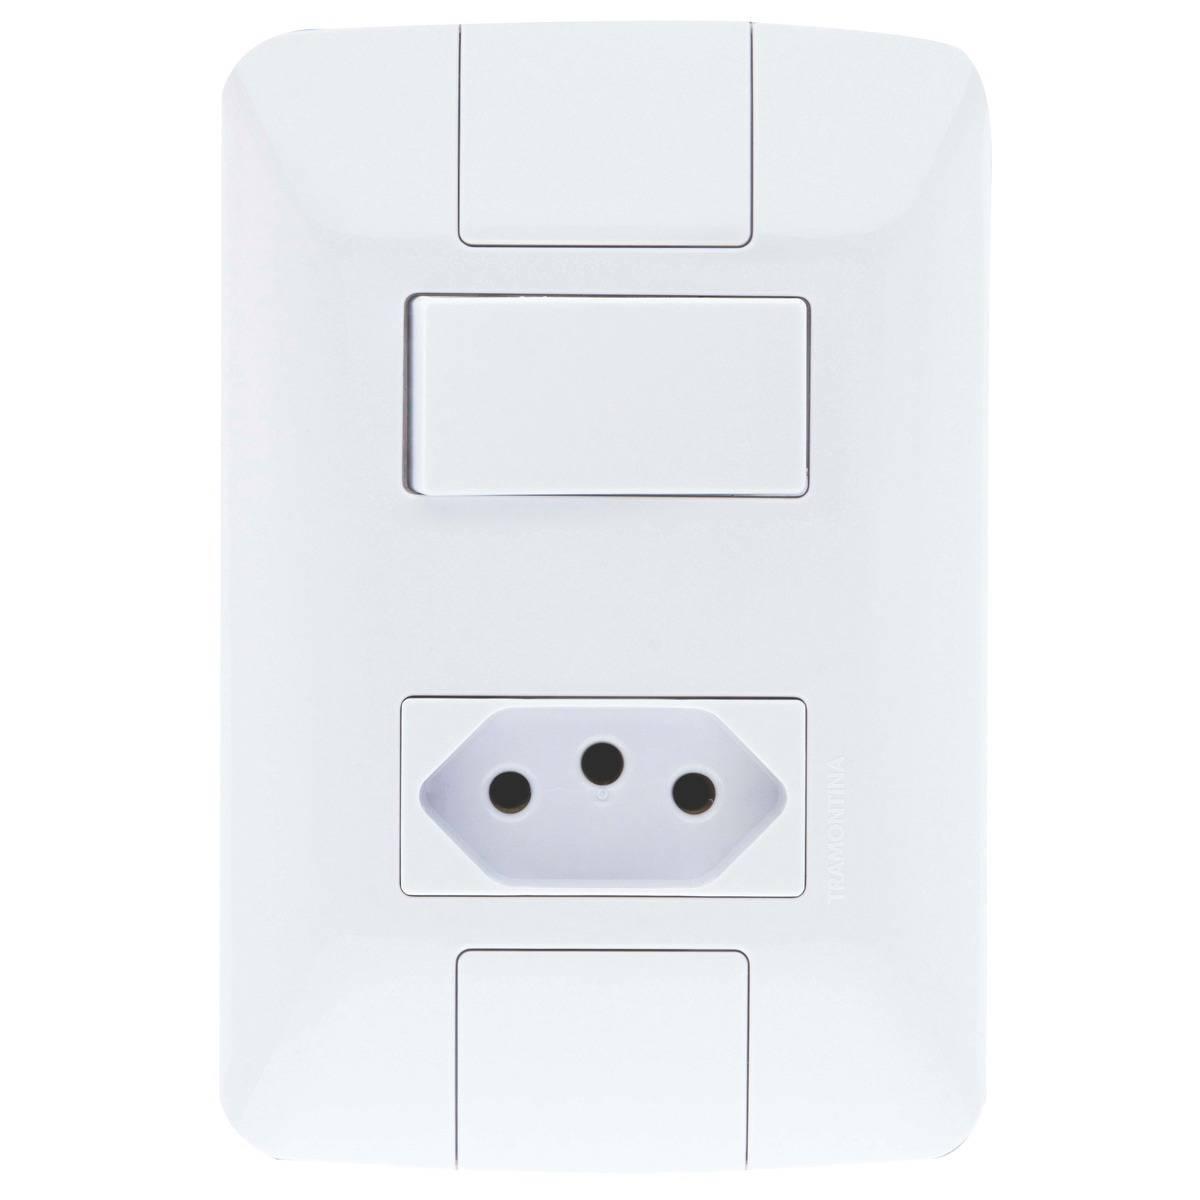 Conjunto Montado Aria 4x2 1 Interruptor simples 6A + 1 Tomad - LCGELETRO